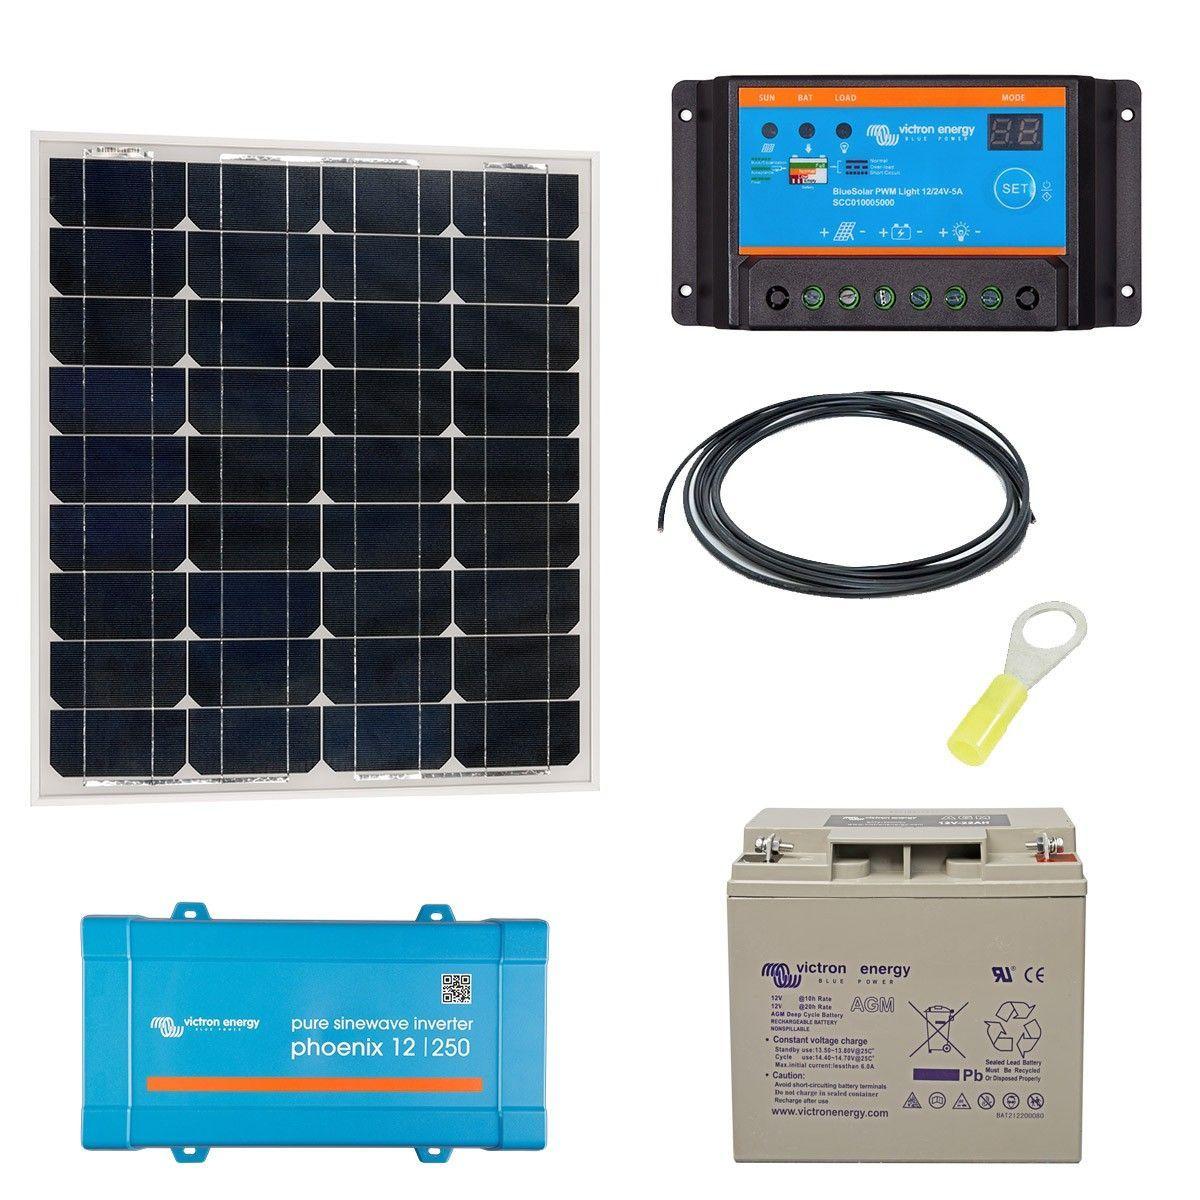 Kit solaire autonome 50w convertisseur 230v - Kit solaire autonome 1000w ...